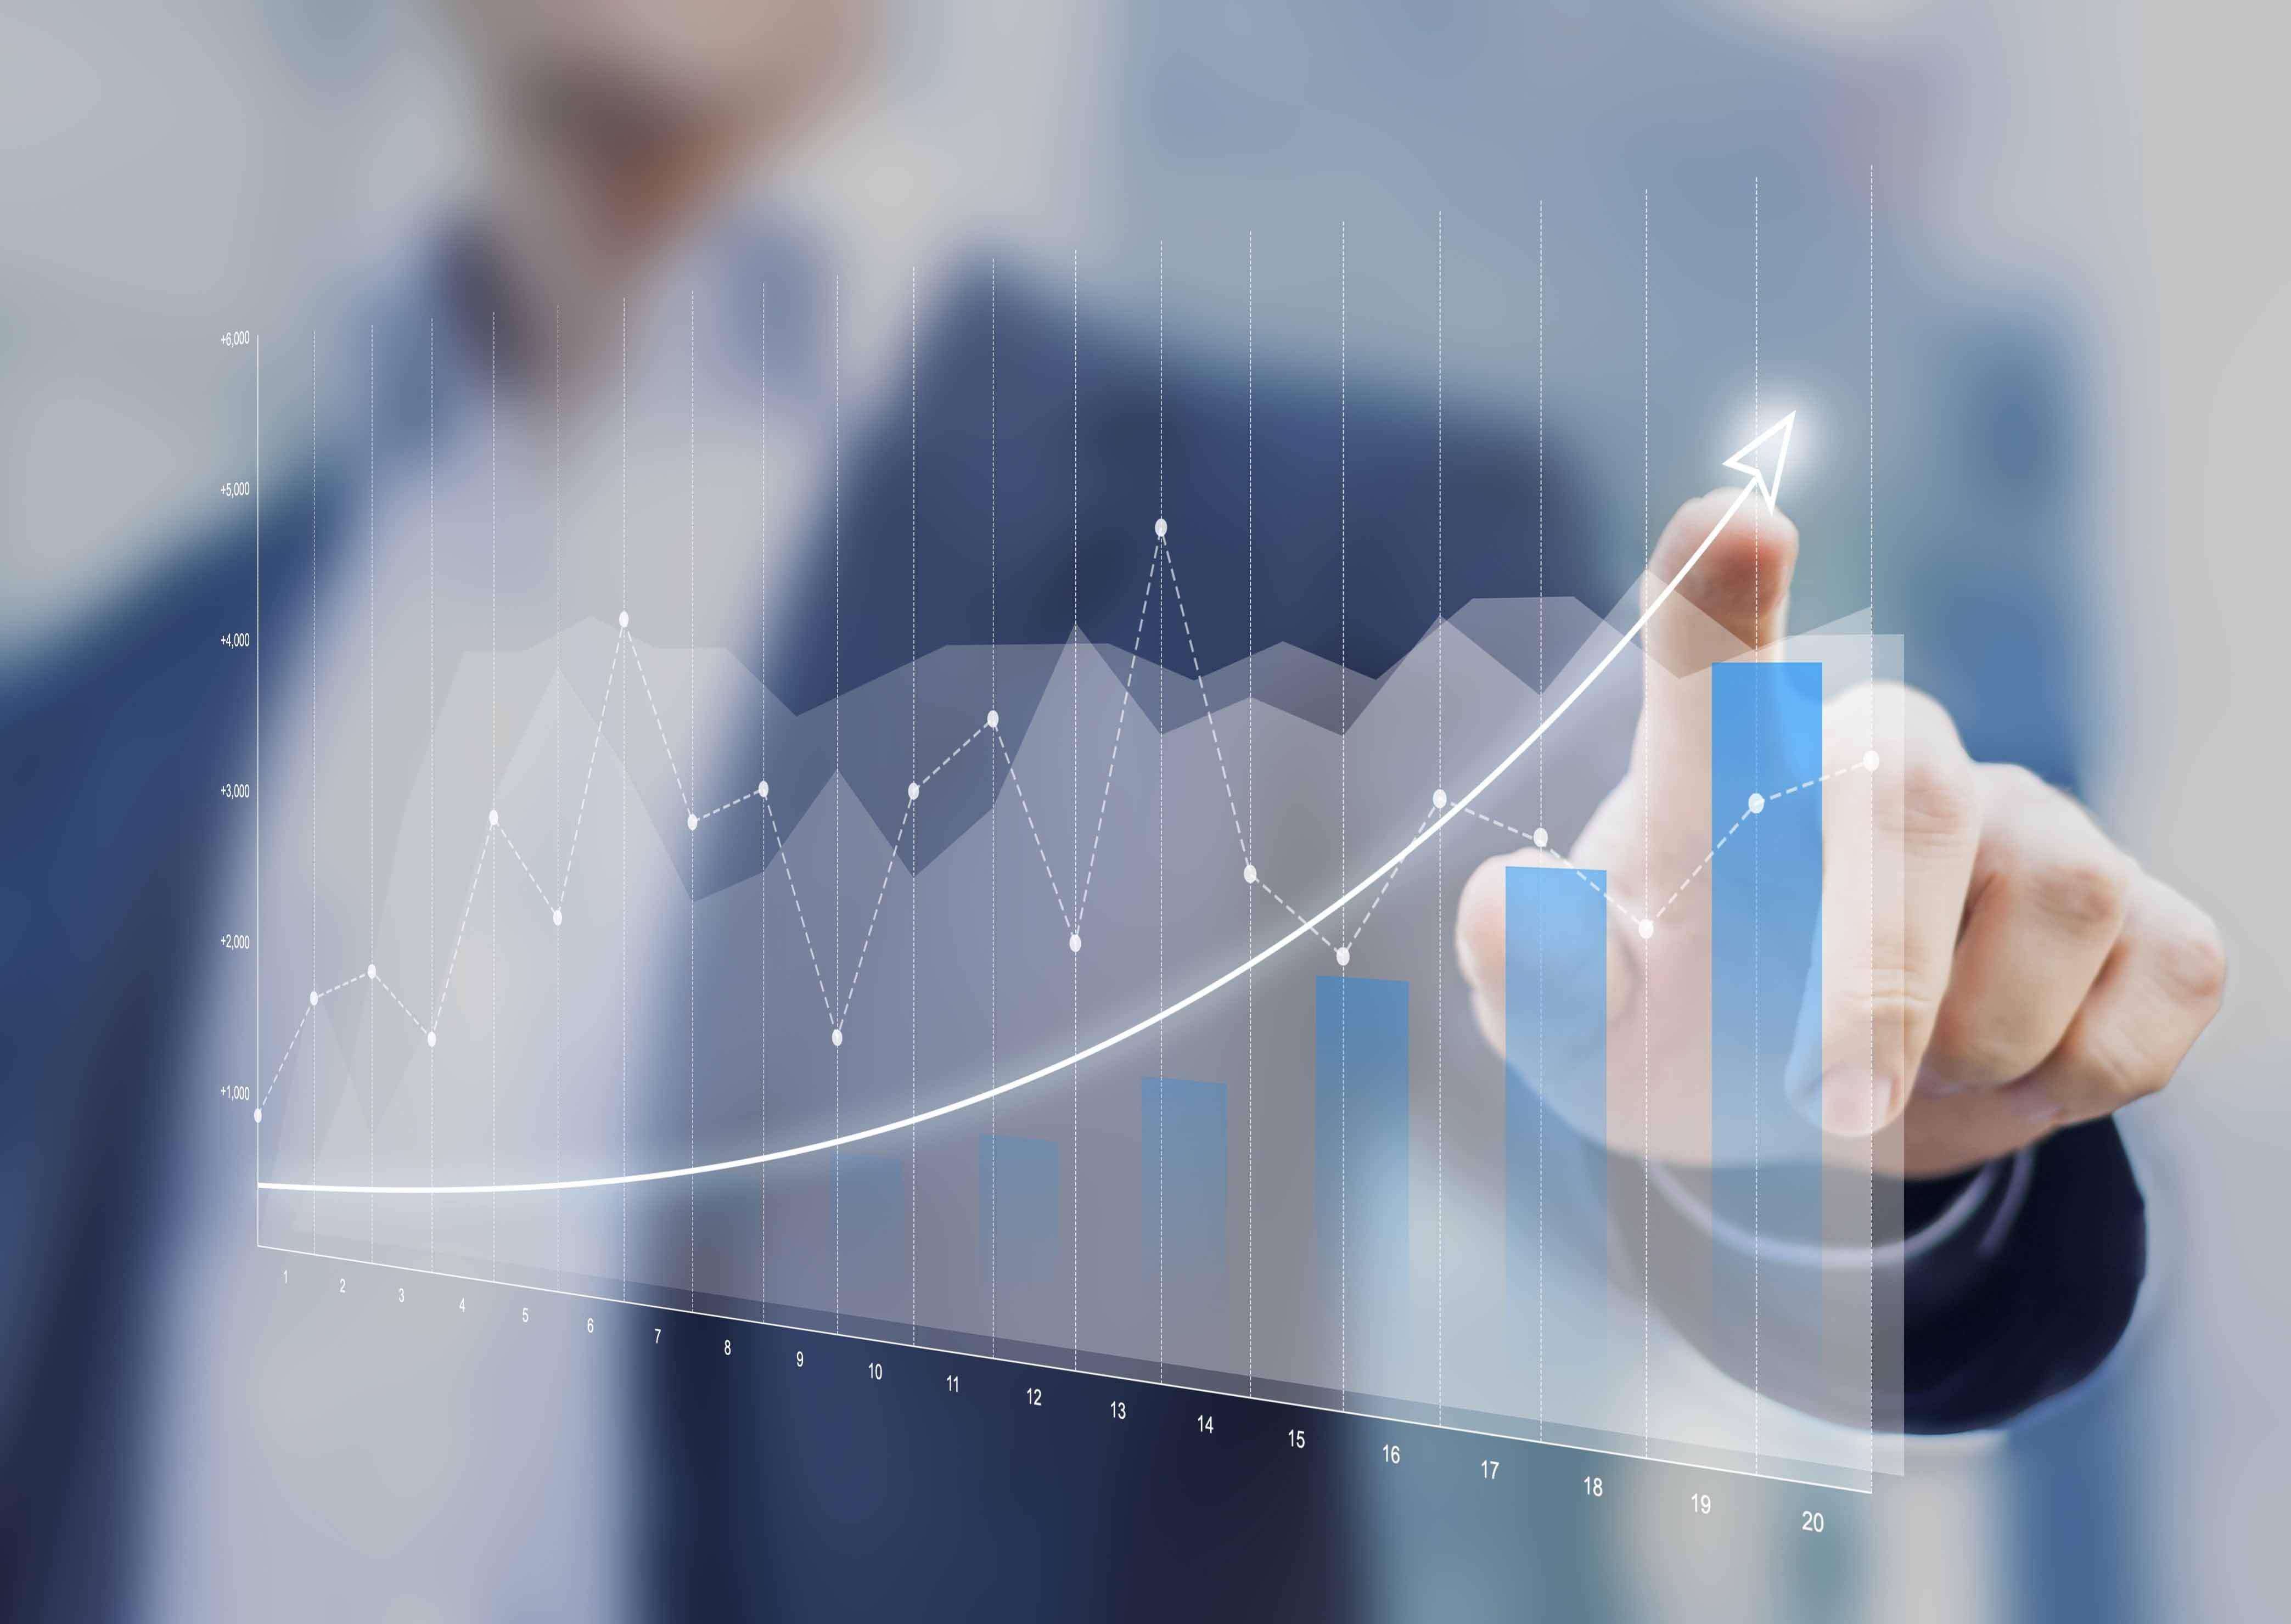 多家公司上半年凈利大幅預增 漲價推動業績